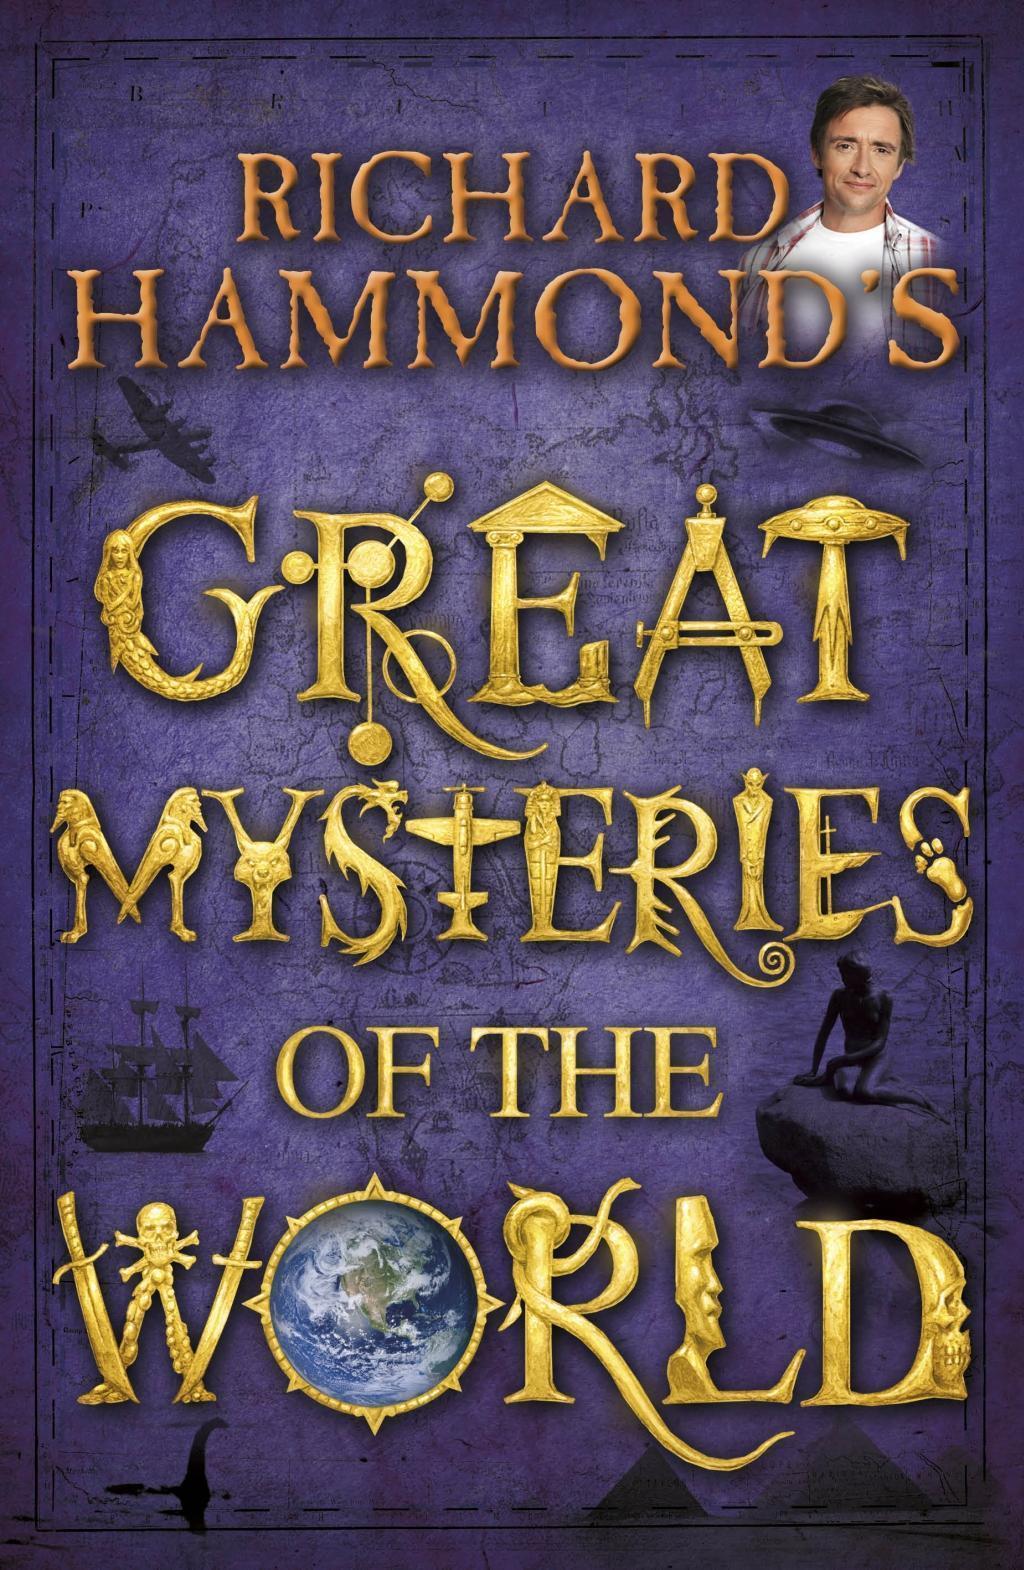 Richard Hammond's Great Mysteries of the World